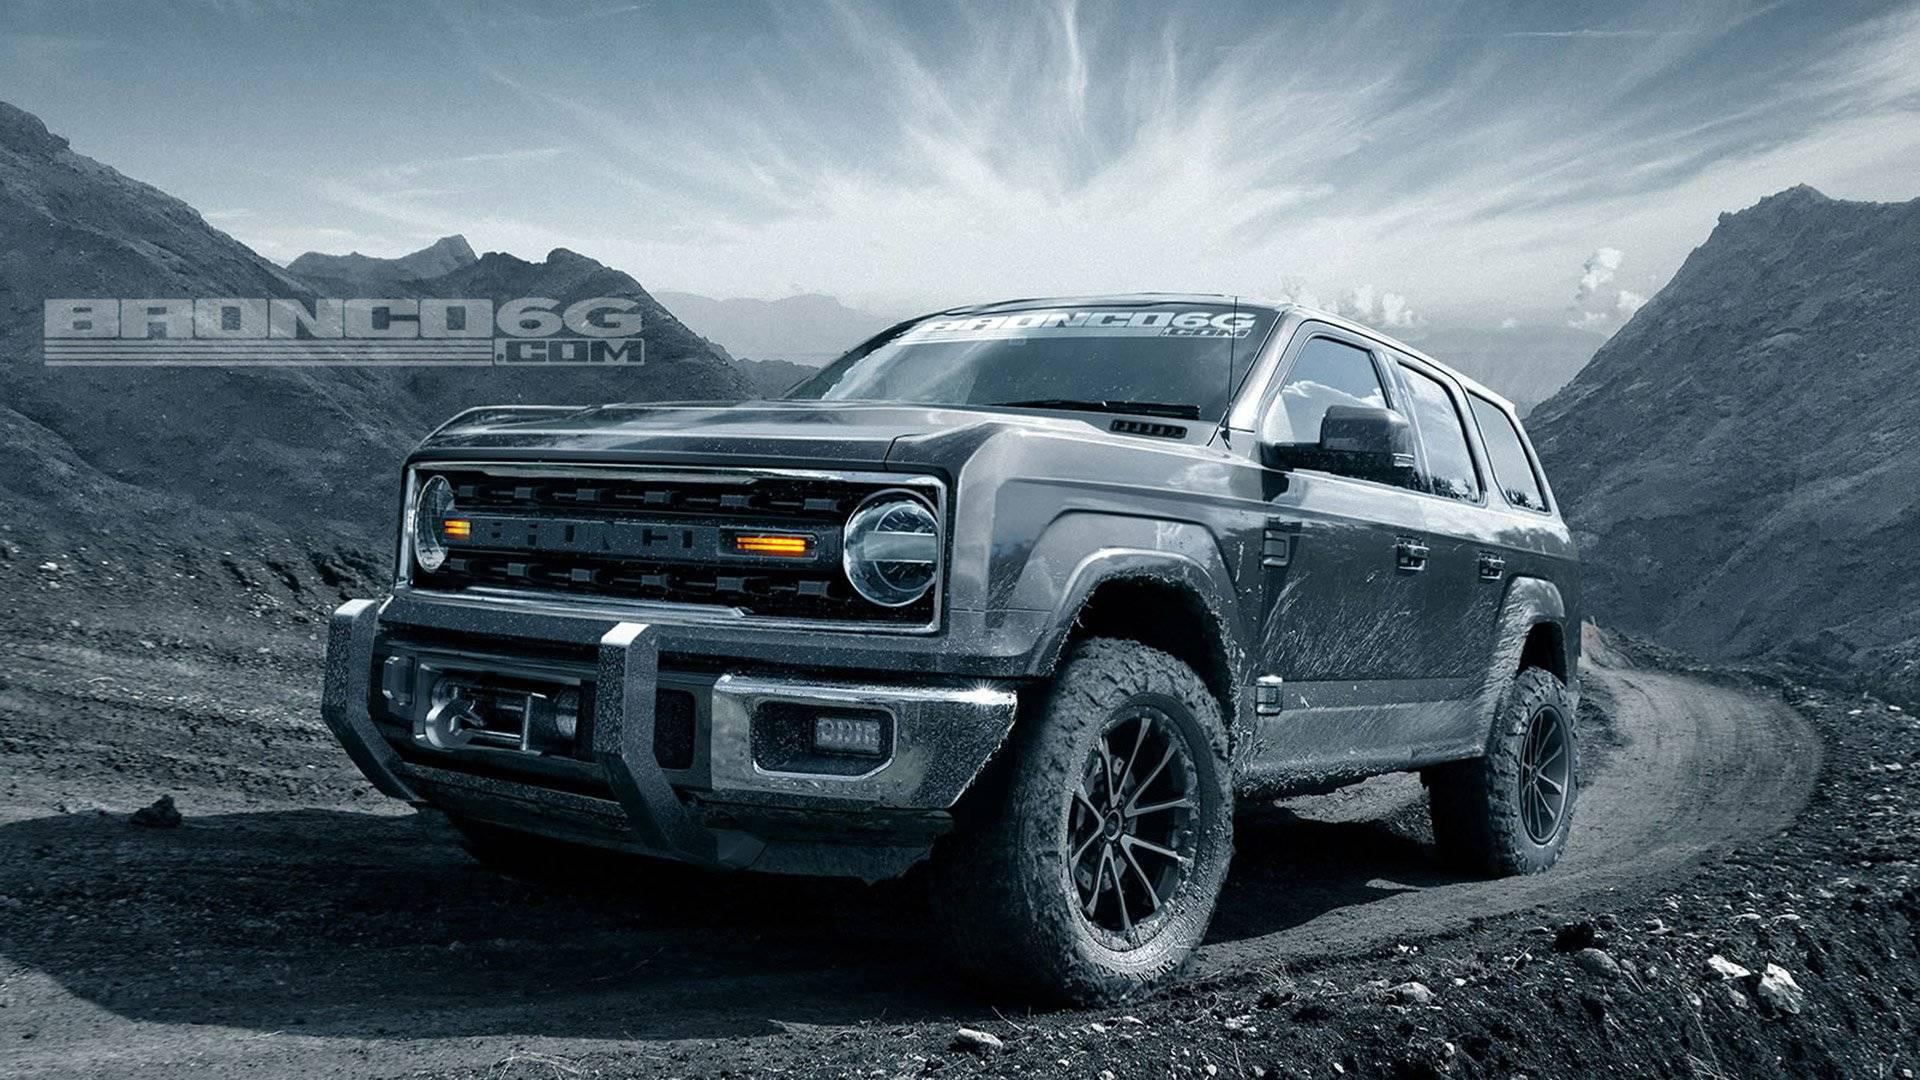 Ford Bronco 2020 Price Interior Exterior Engine Specs Features